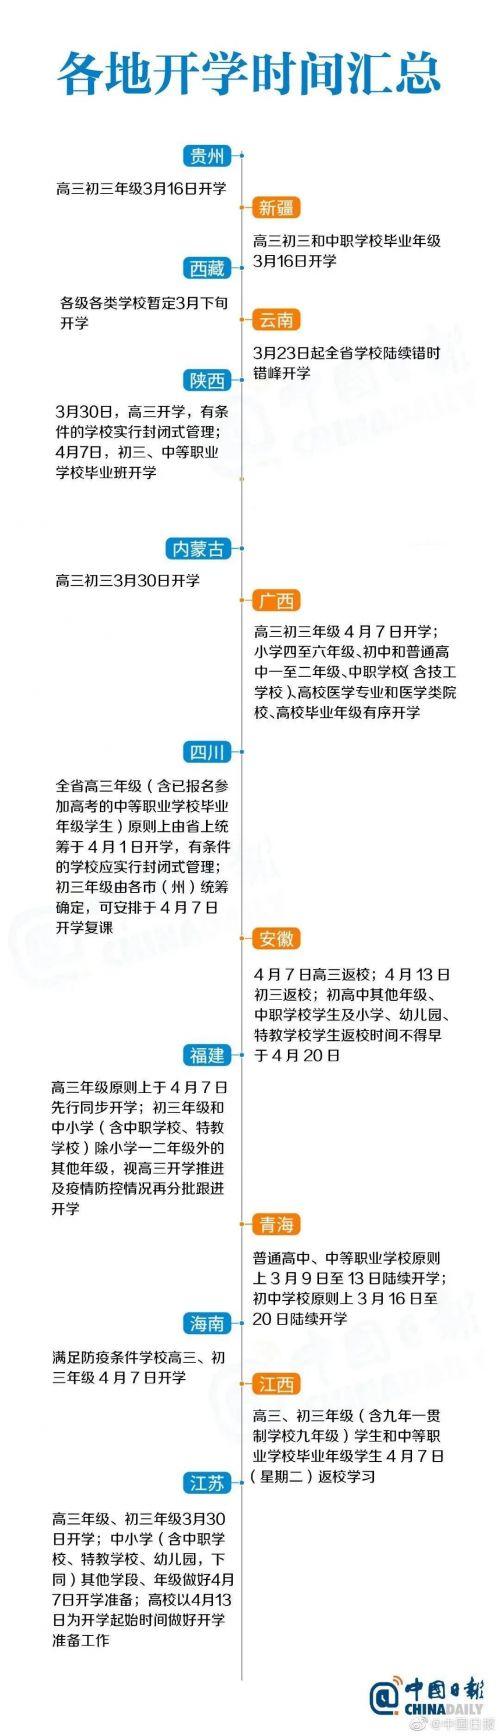 2020各地开学时间汇总 2020年开学时间表最新 湖南山西辽宁宁夏什么时候开学